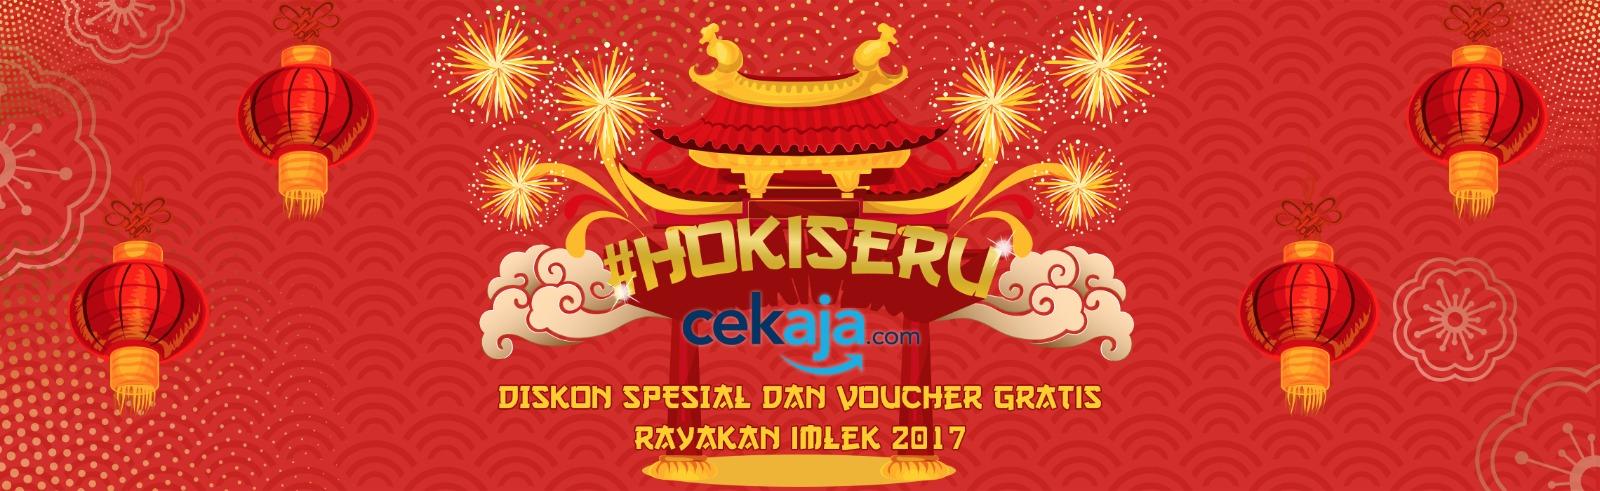 hoki seru - CekAja.com